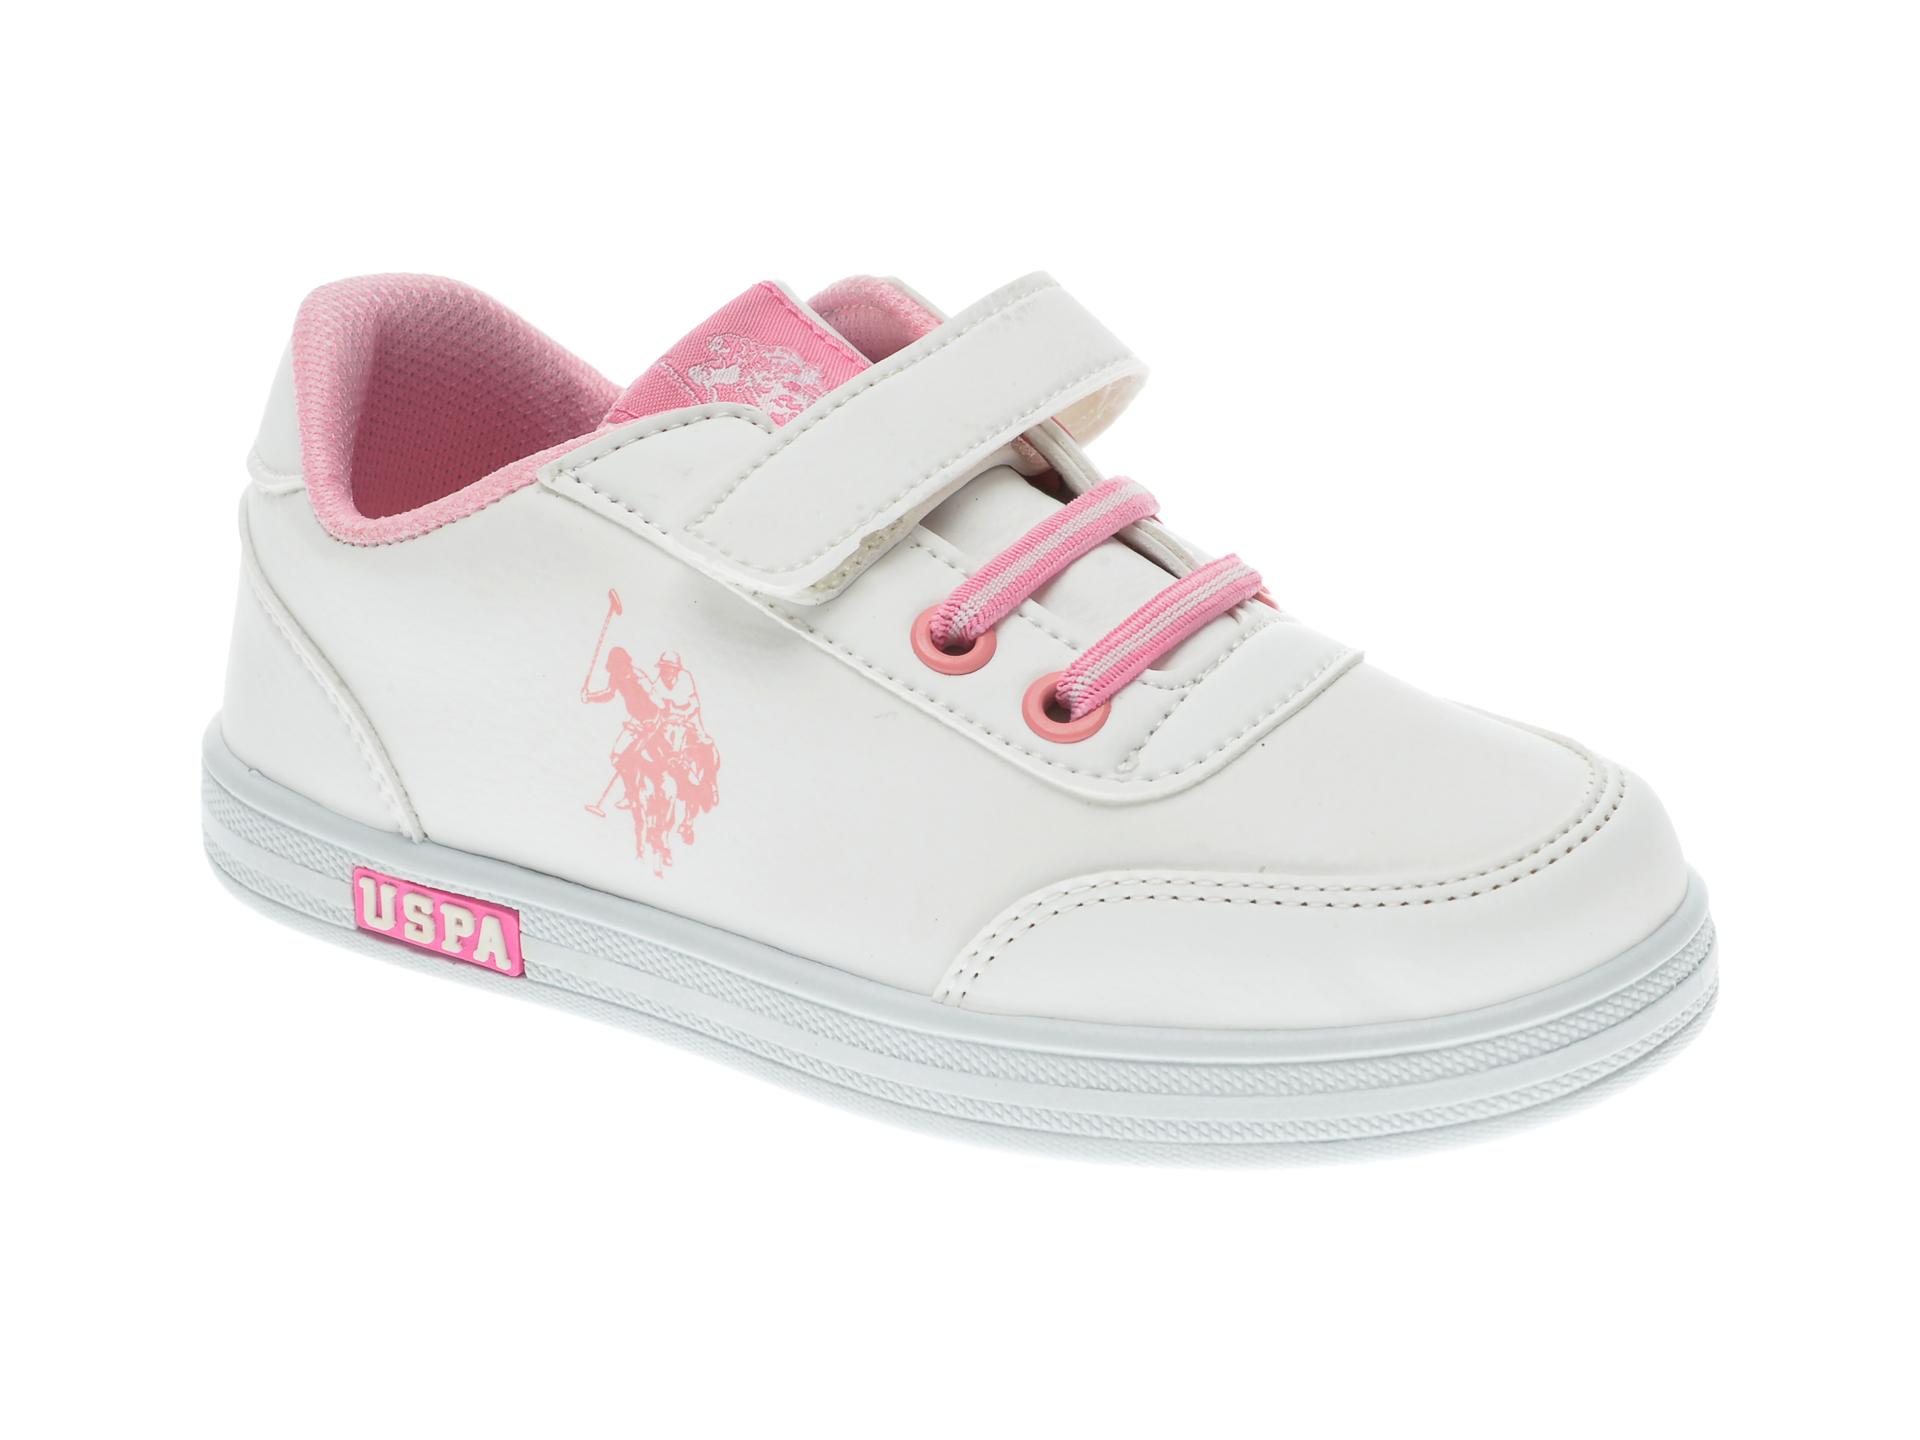 Pantofi Sport Us Polo Assn Albi, 567969, Din Piele Ecologica